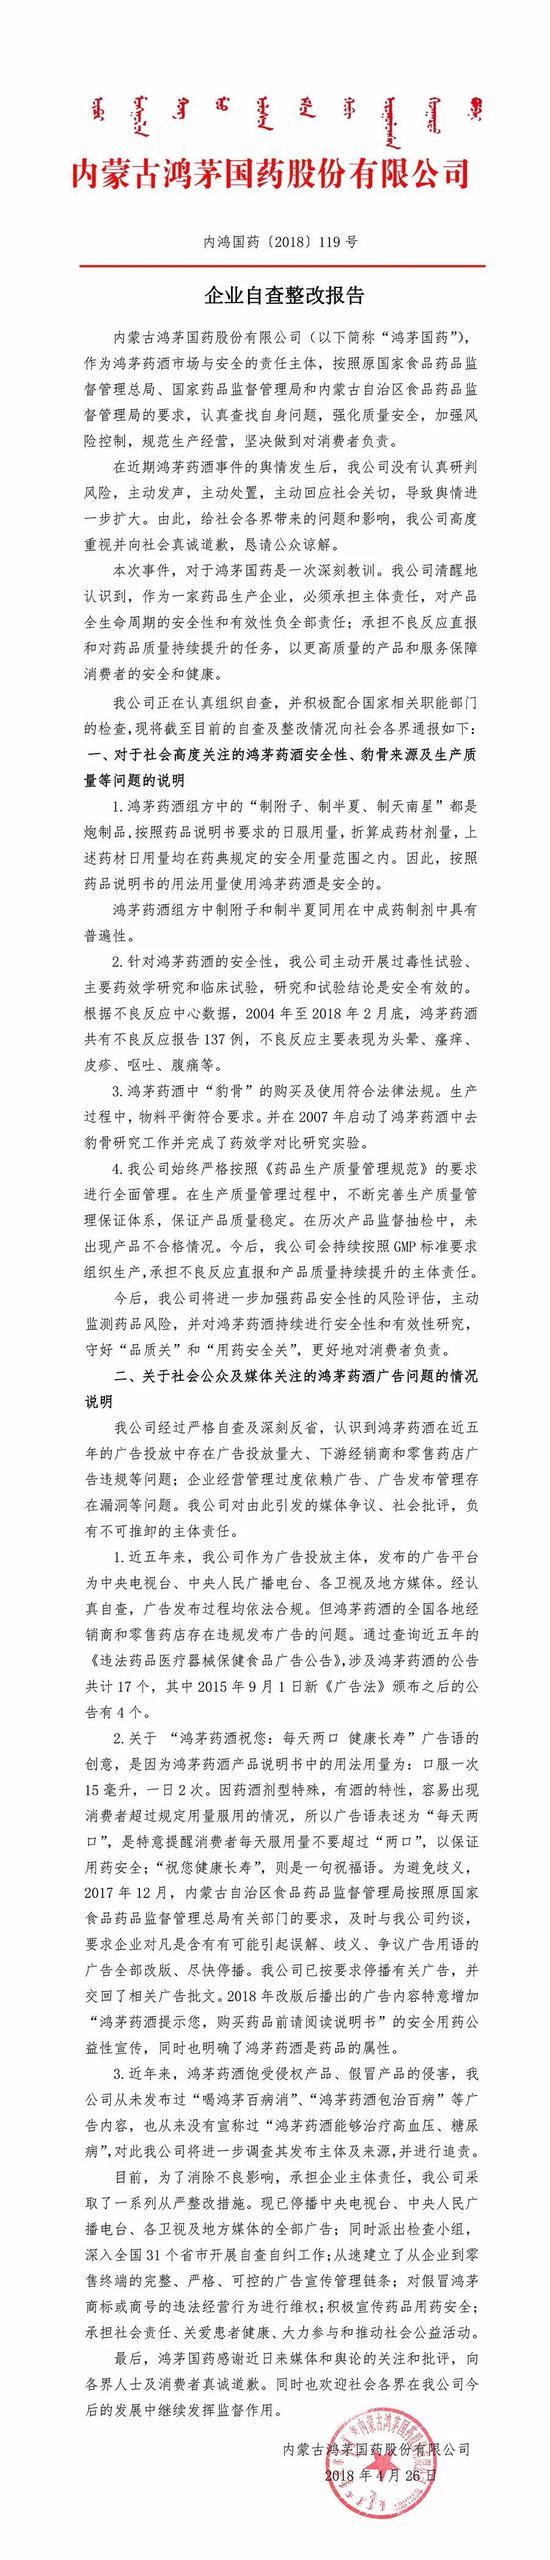 鸿茅药酒发布企业自查整改报告:已停播全部广告 搜索风云榜 第2张